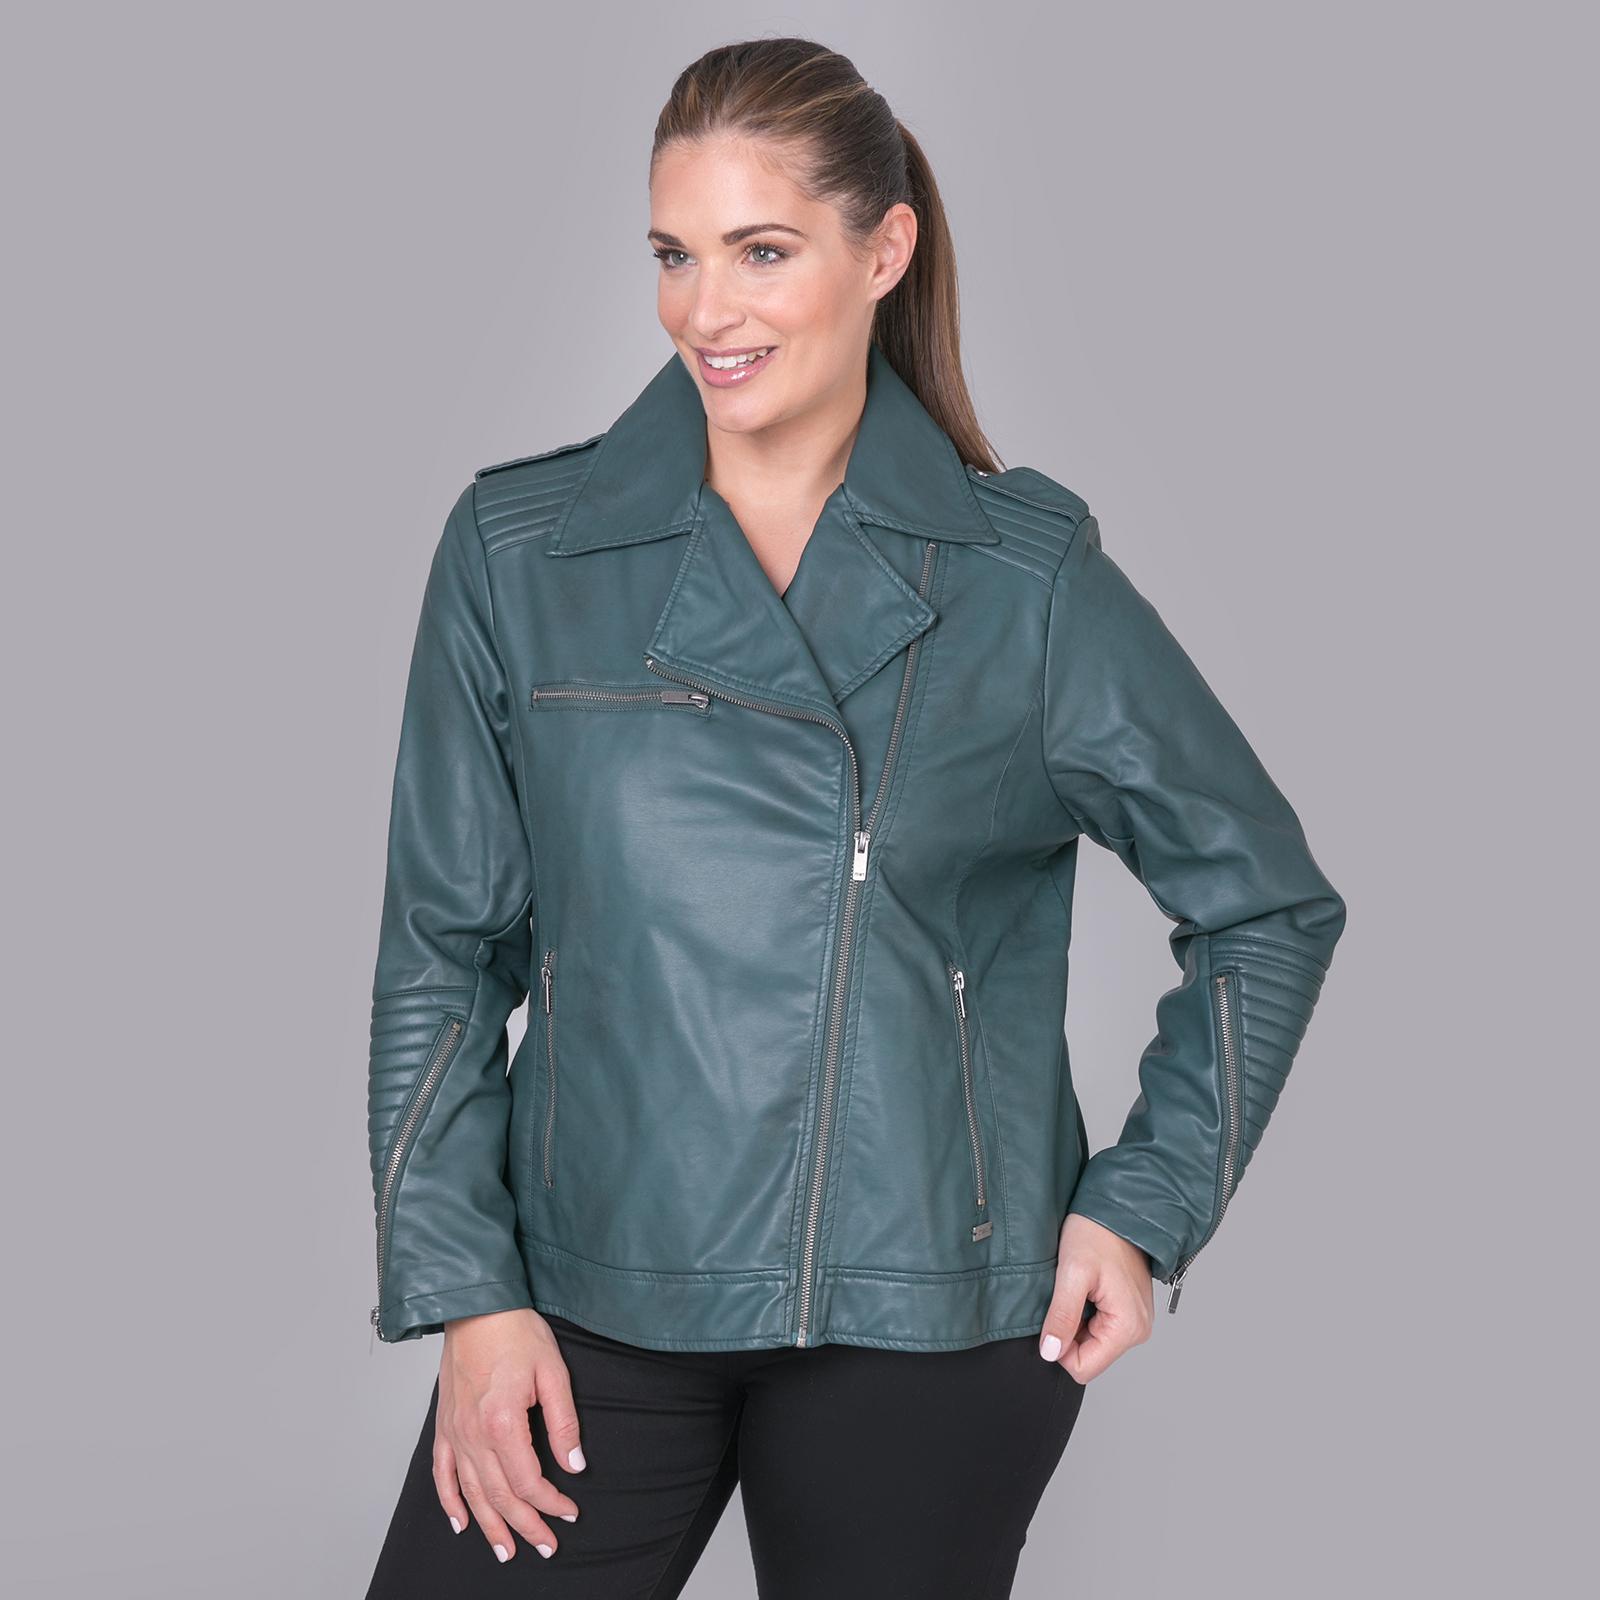 Η διαχρονική γοητεία ενός biker jacket ανανεώνει με το στυλάτο αέρα του κάθε new-season look αλλά αυτό το κομμάτι το λατρεύουμε ακόμα περισσότερο για τα όμορφα χρώματά του.